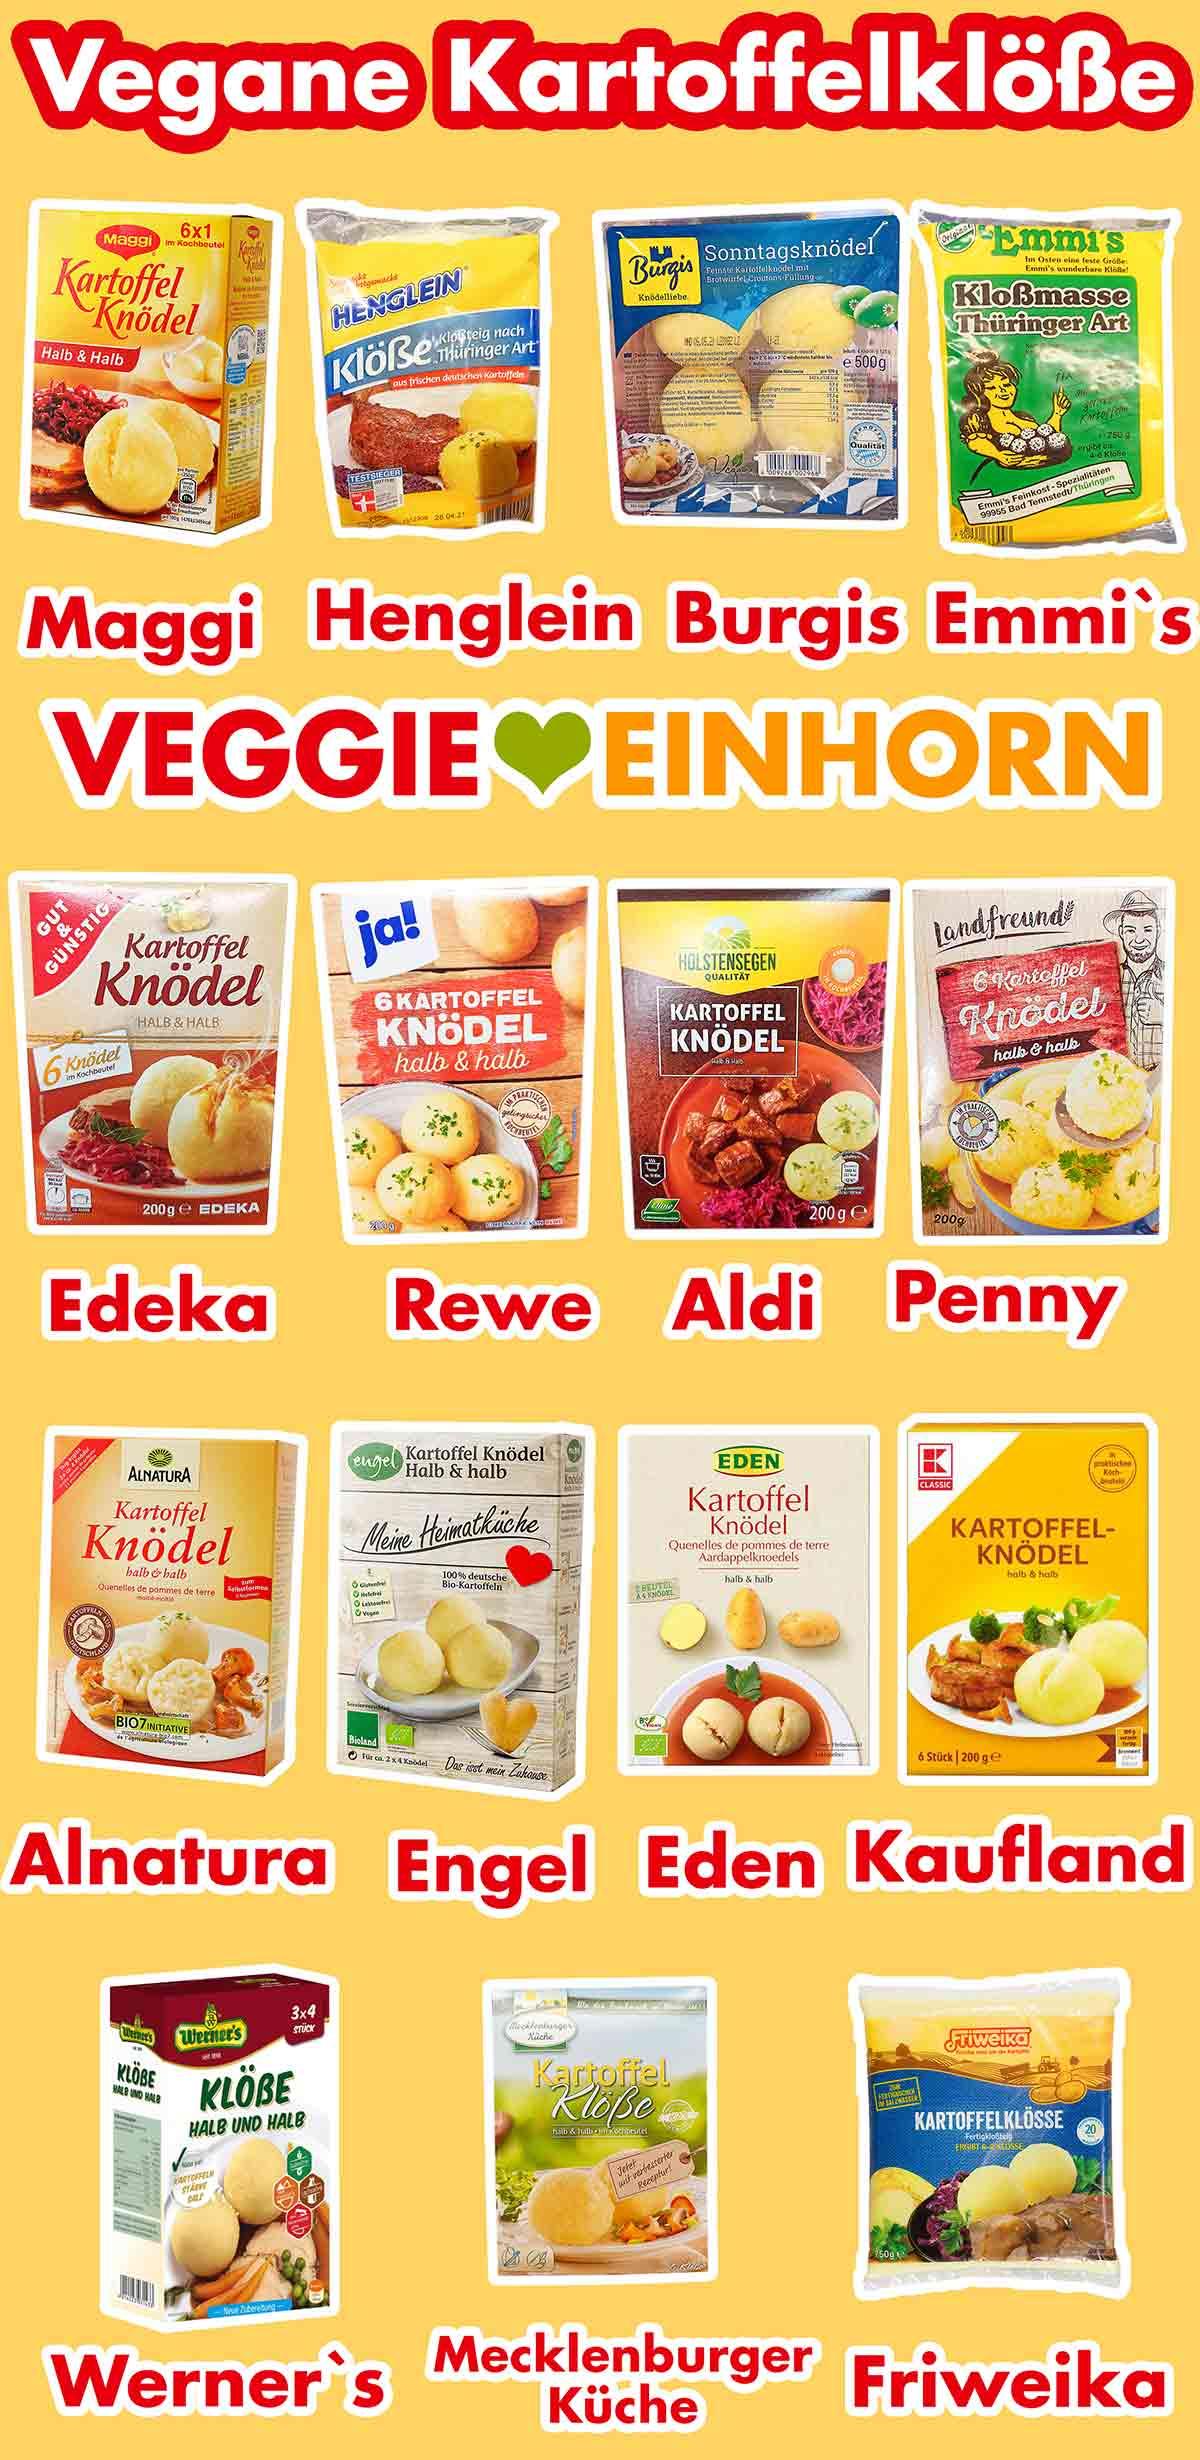 Vegane Kartoffelklöße Marken